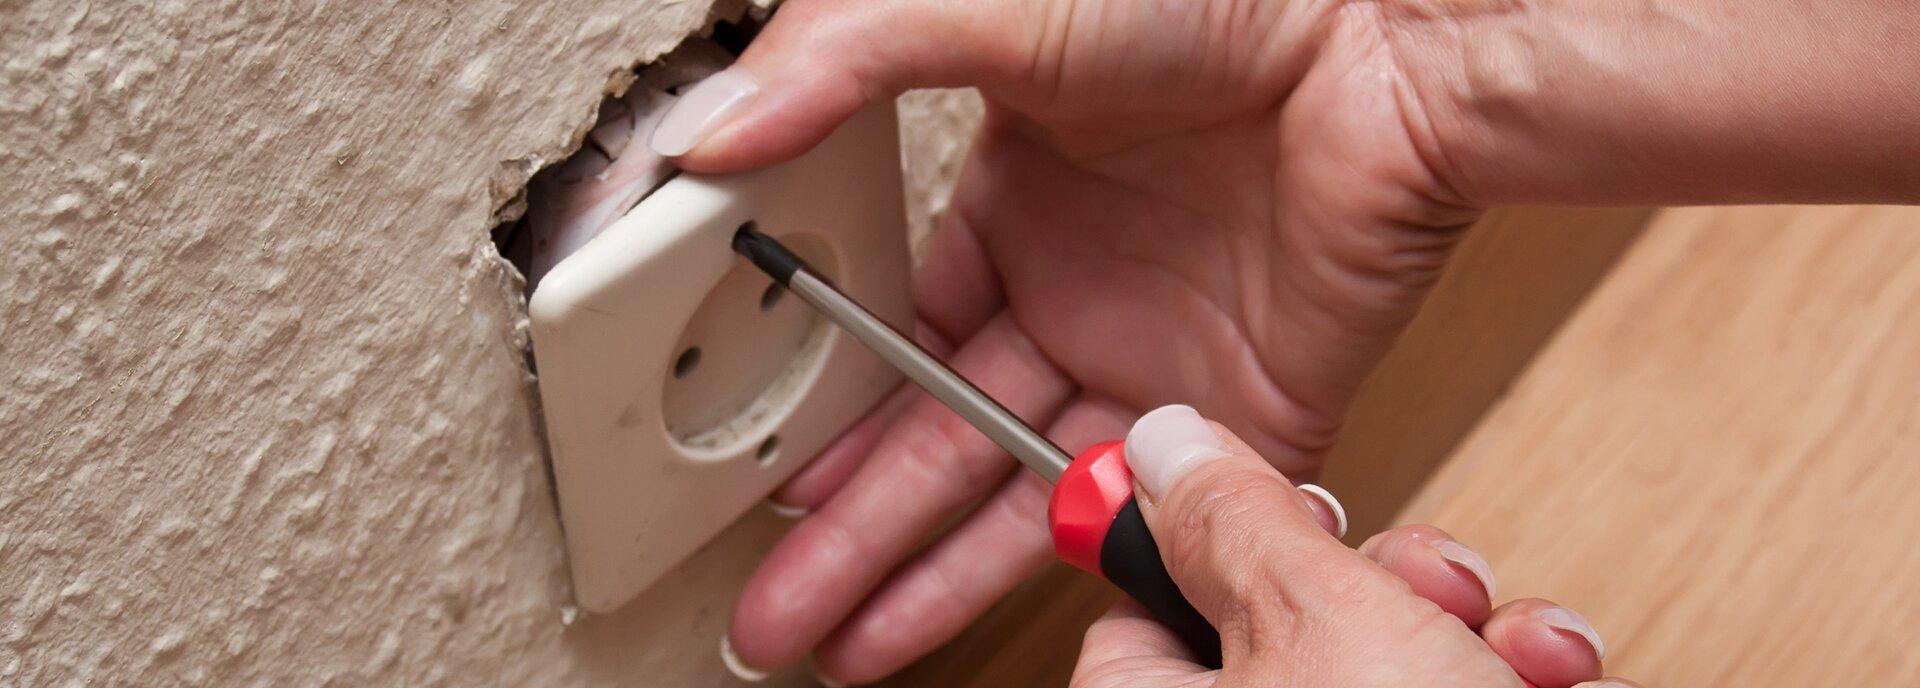 Kolorowe zdjęcie przedstawia wyjęte ze ściany gniazdko elektryczne podtrzymywane przez jedną dłoń. Osoba podtrzymująca gniazdko ma wdrugiej dłoni śrubokręt włożony wotwór, którym można gniazdko przymocować do ściany.